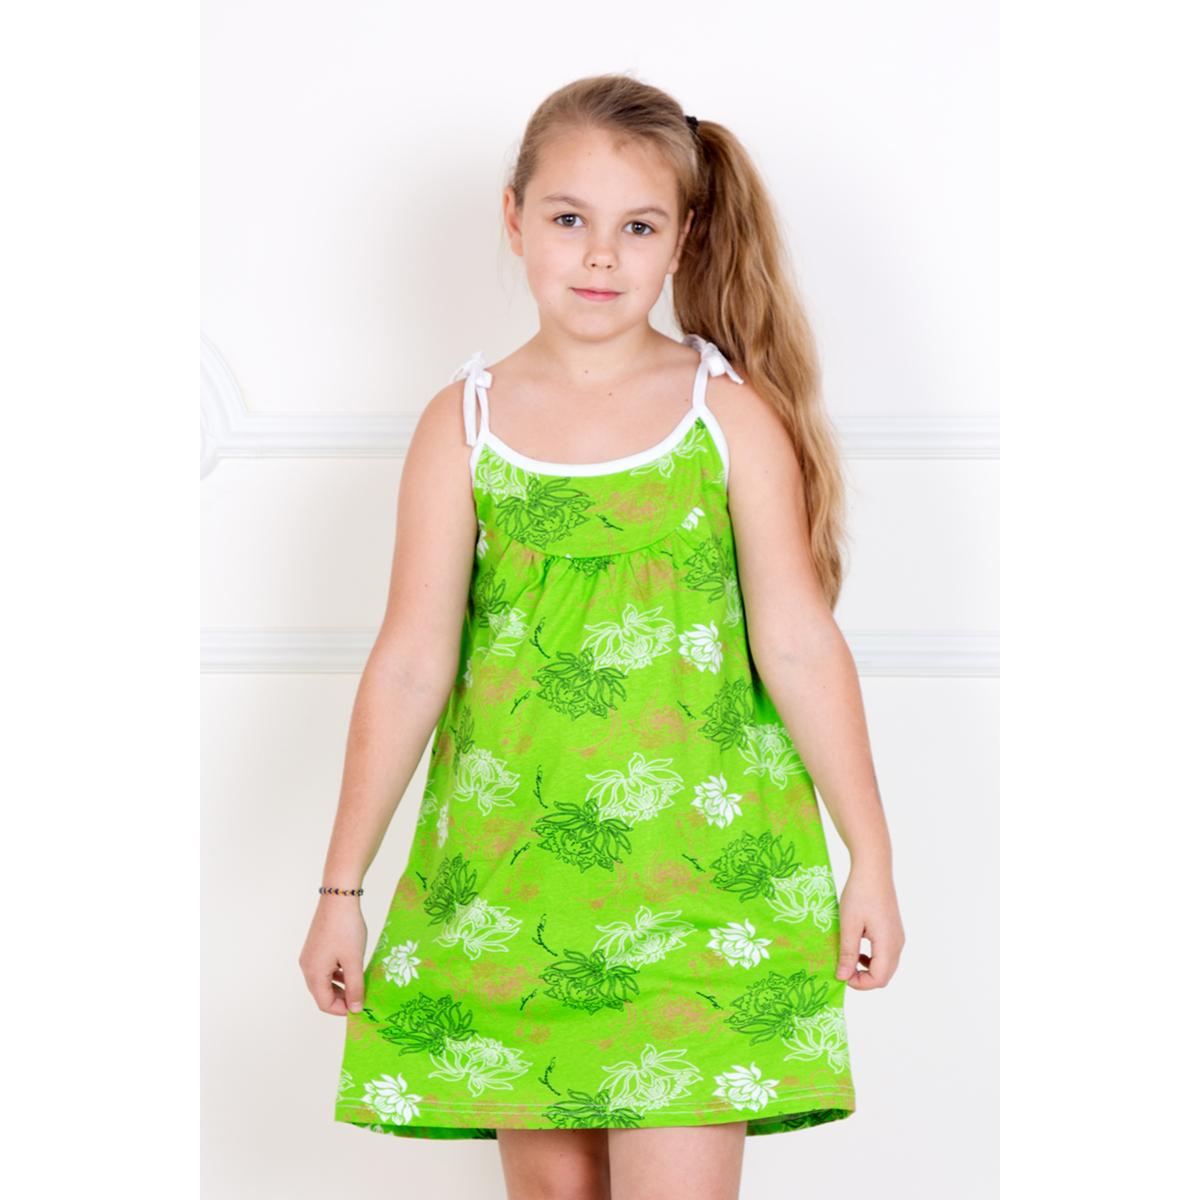 Детский сарафан Машенька, размер 26Платья и сарафаны<br><br><br>Тип: Дет. платье<br>Размер: 26<br>Материал: Кулирка